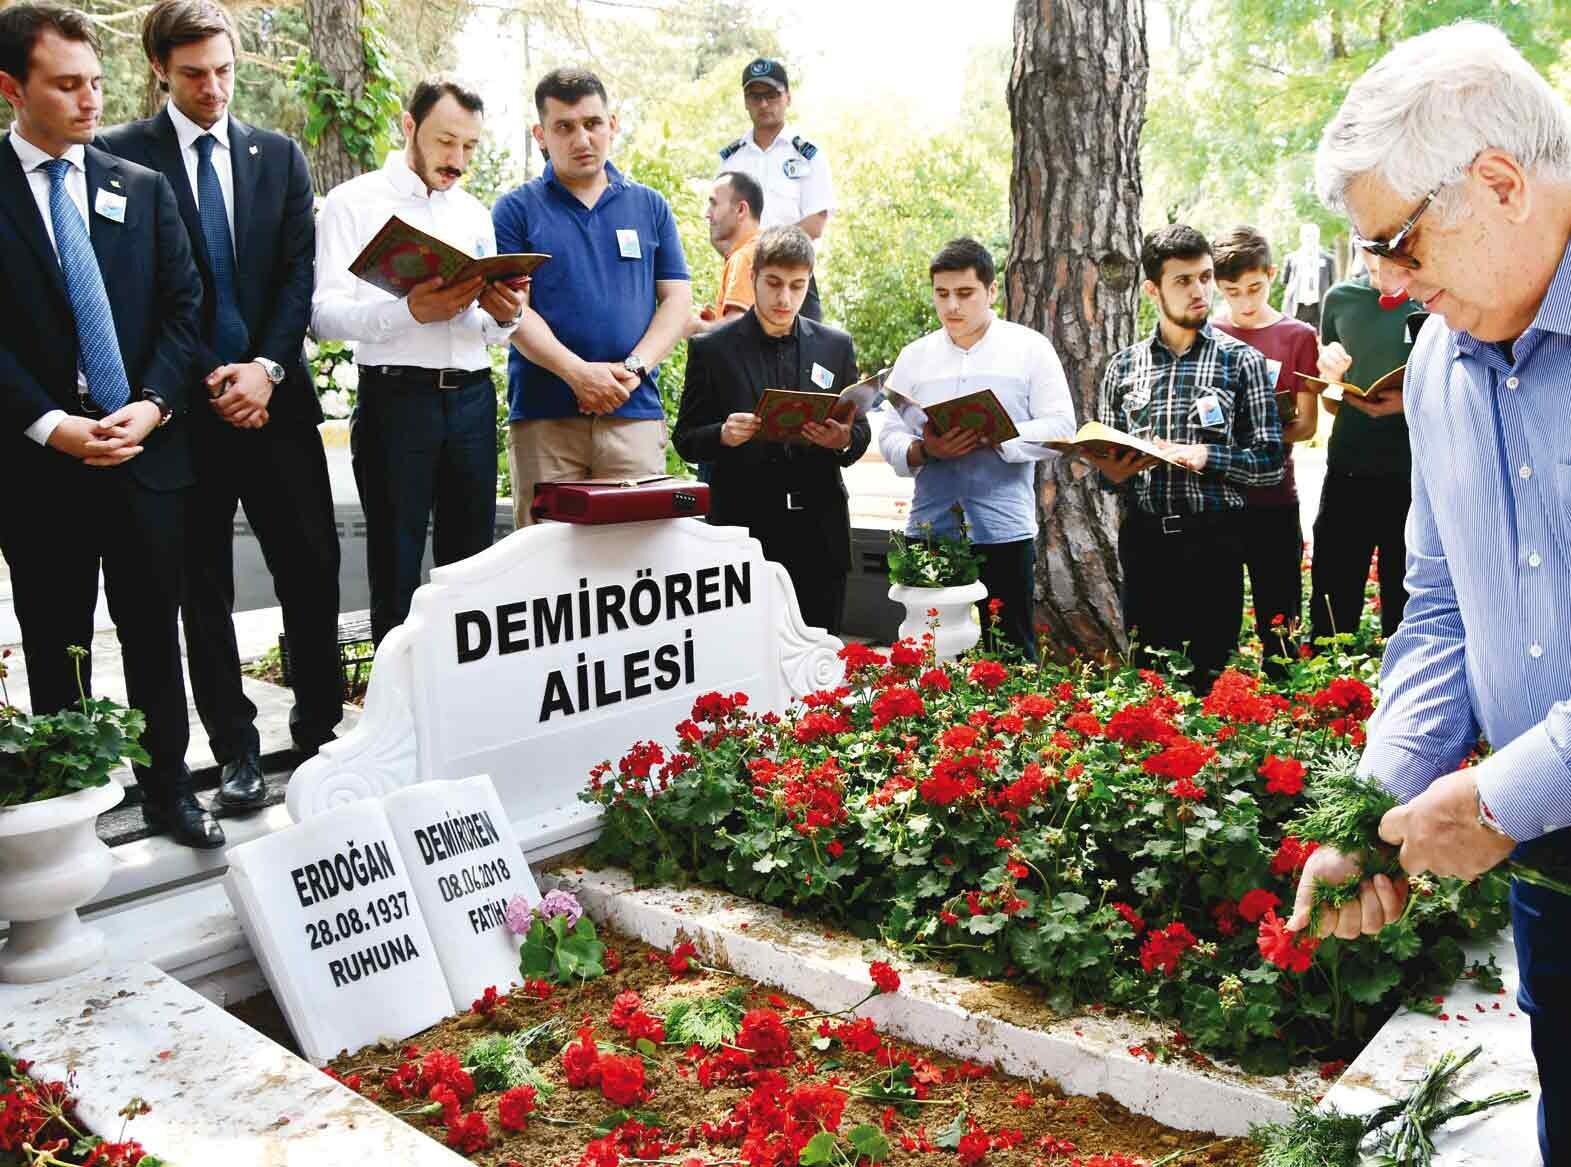 Türkiye Erdoğan Demirören'i sonsuzluğa uğurladı... Sevgi seli